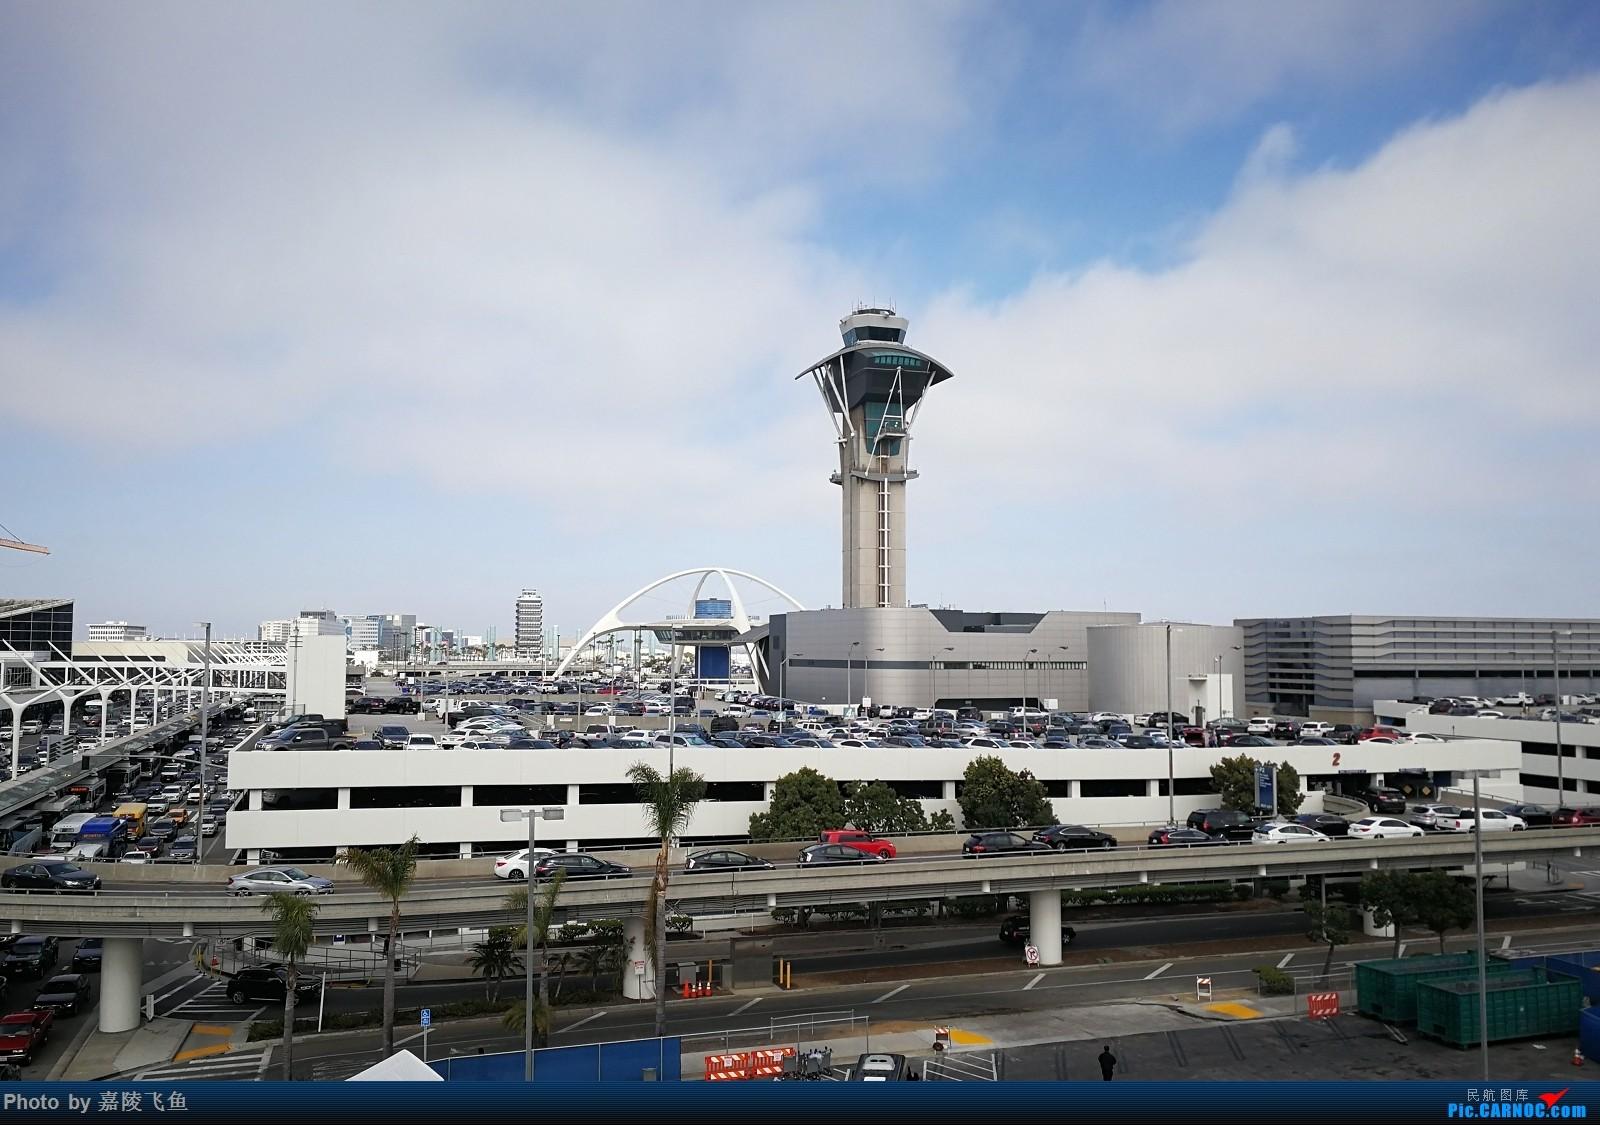 Re:洛杉矶机场拍飞机    美国洛杉矶机场